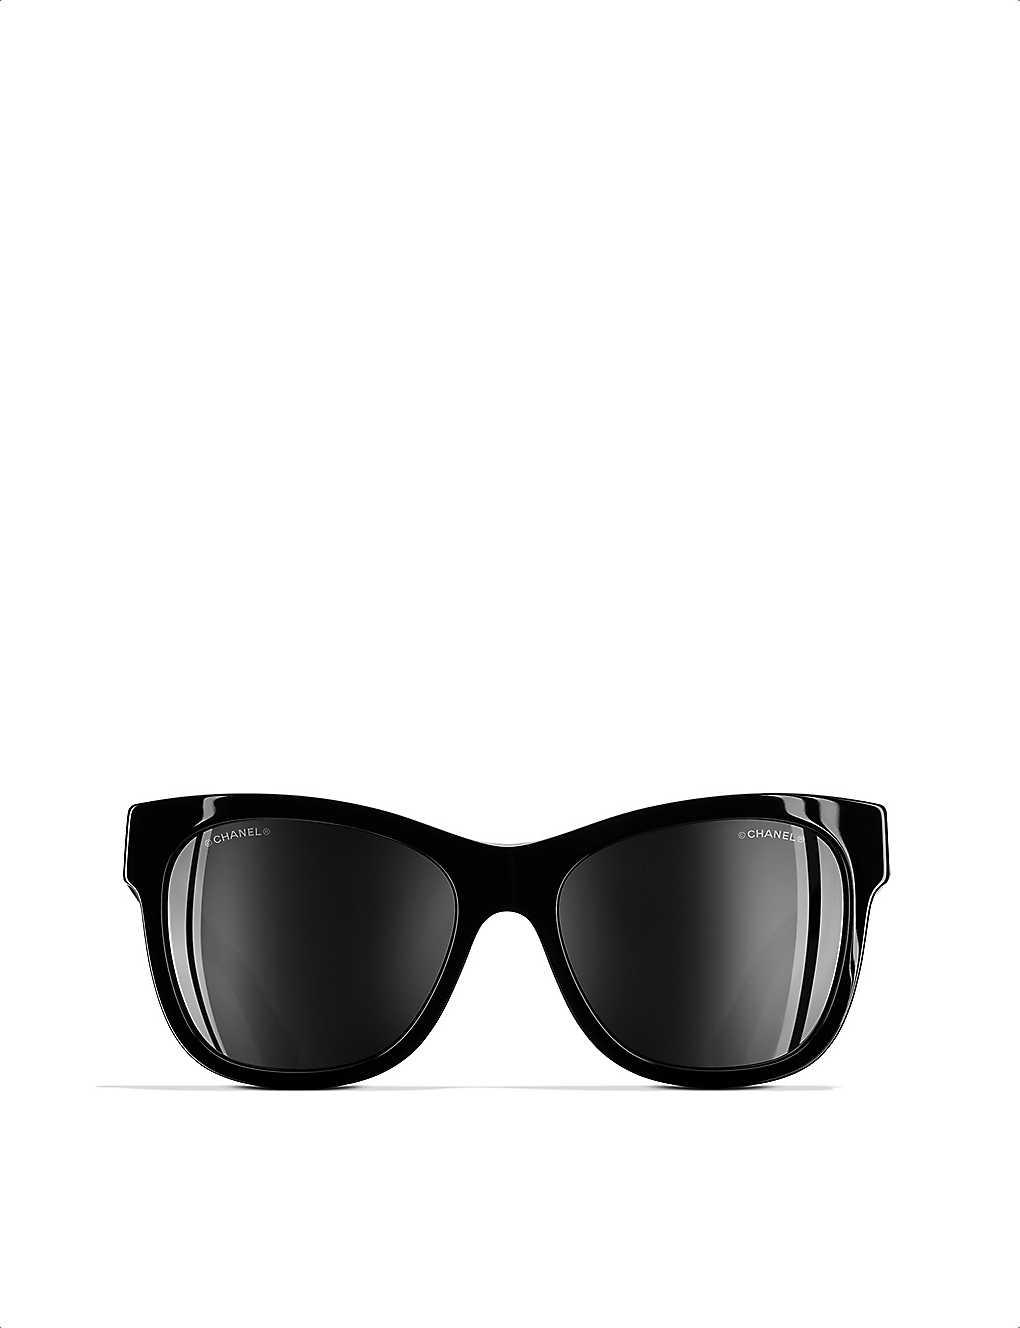 8a1a226beb CHANEL - Square sunglasses